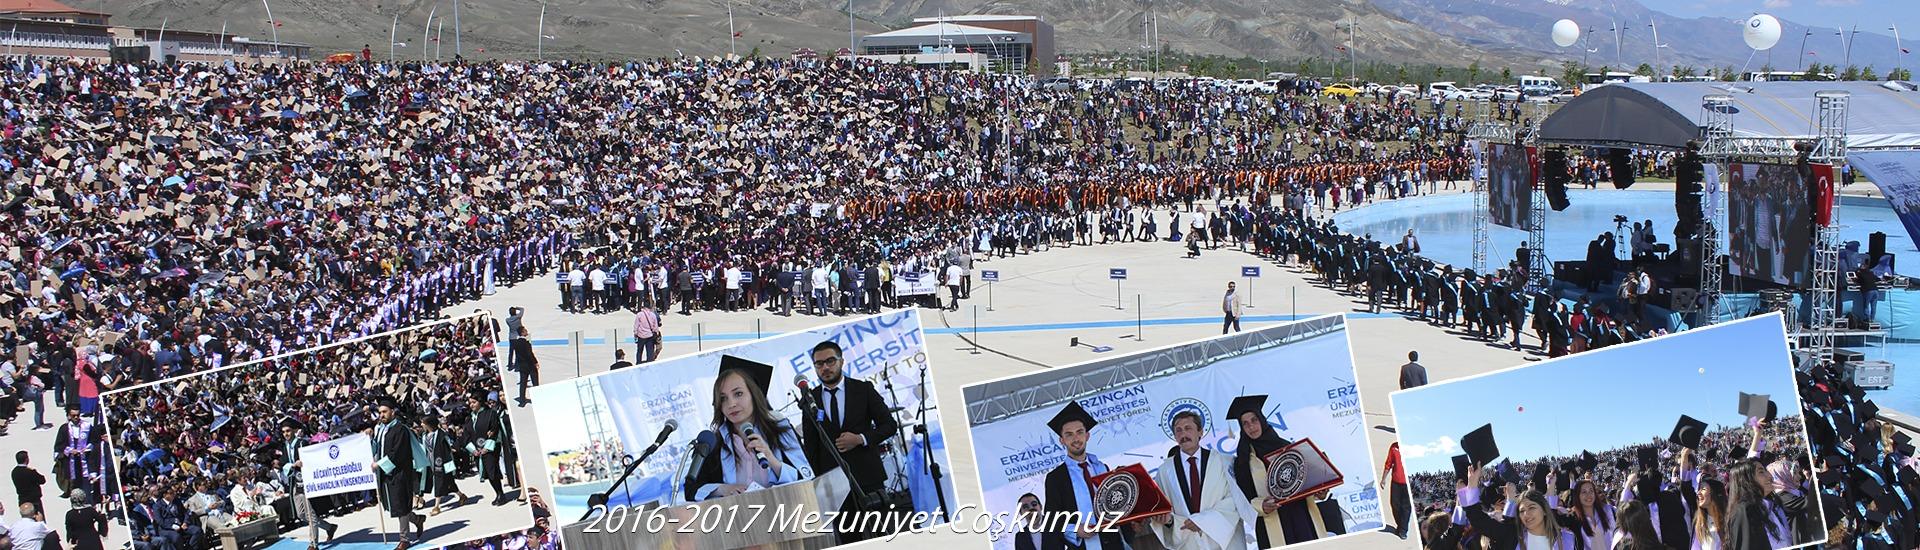 mezuniyet gxczczxcxzc